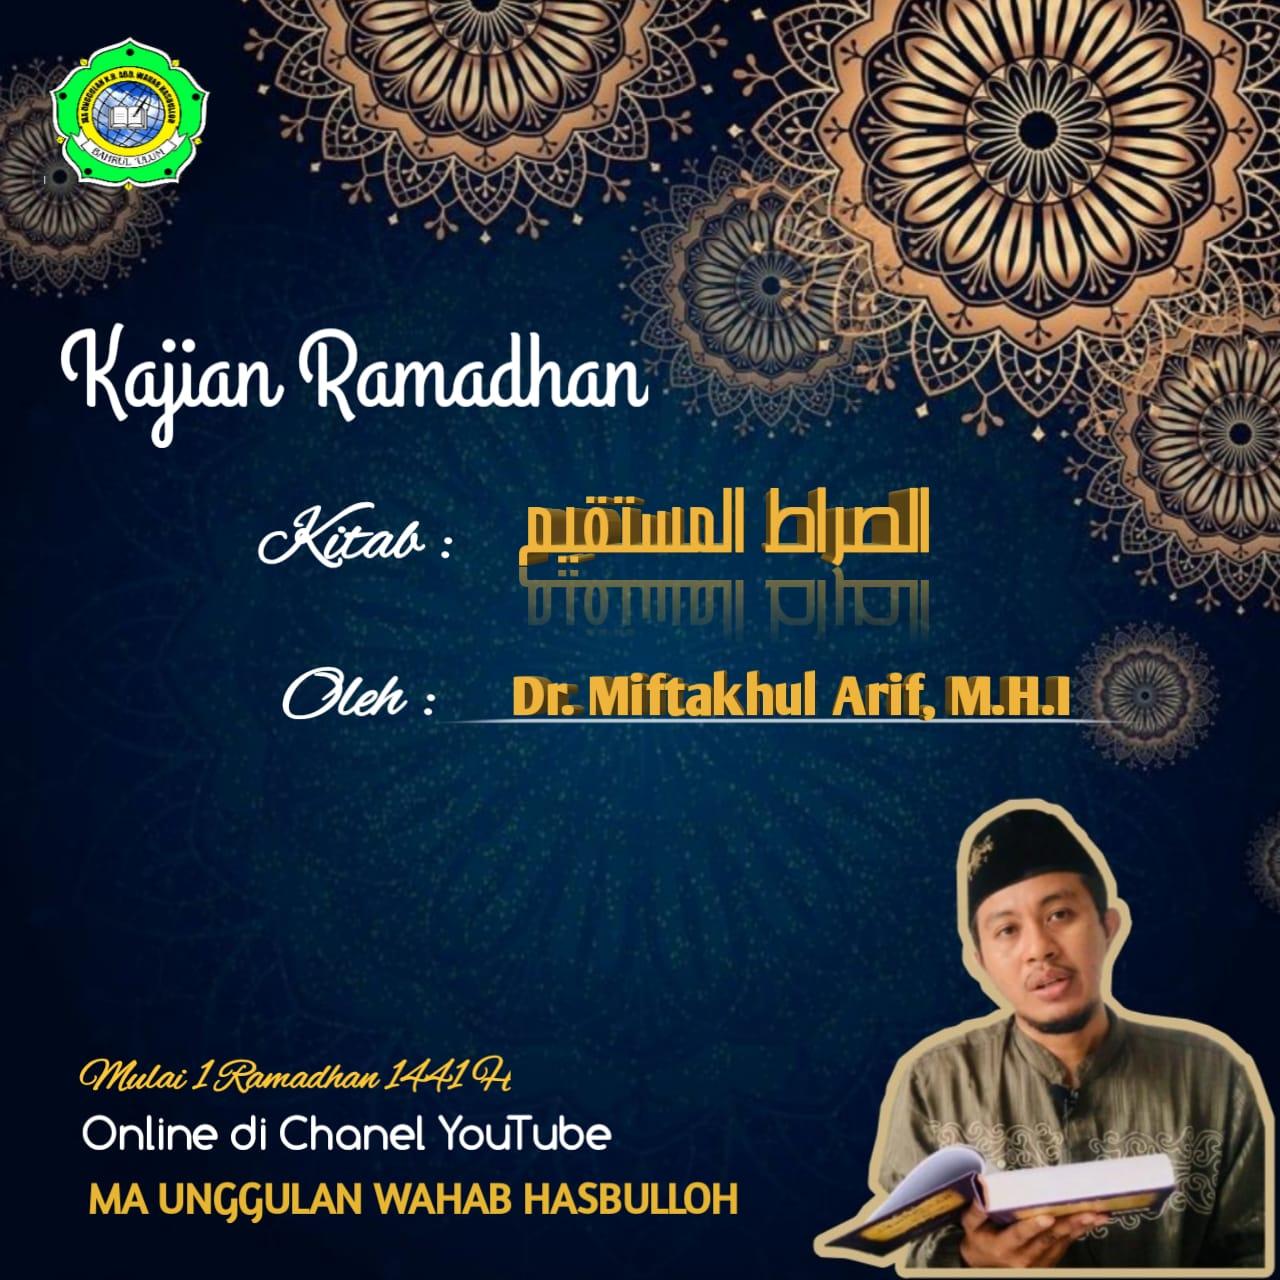 Pengajian Ramadhan Online MA Unggulan K.H. Abd. Wahab Hasbulloh (Day 16)